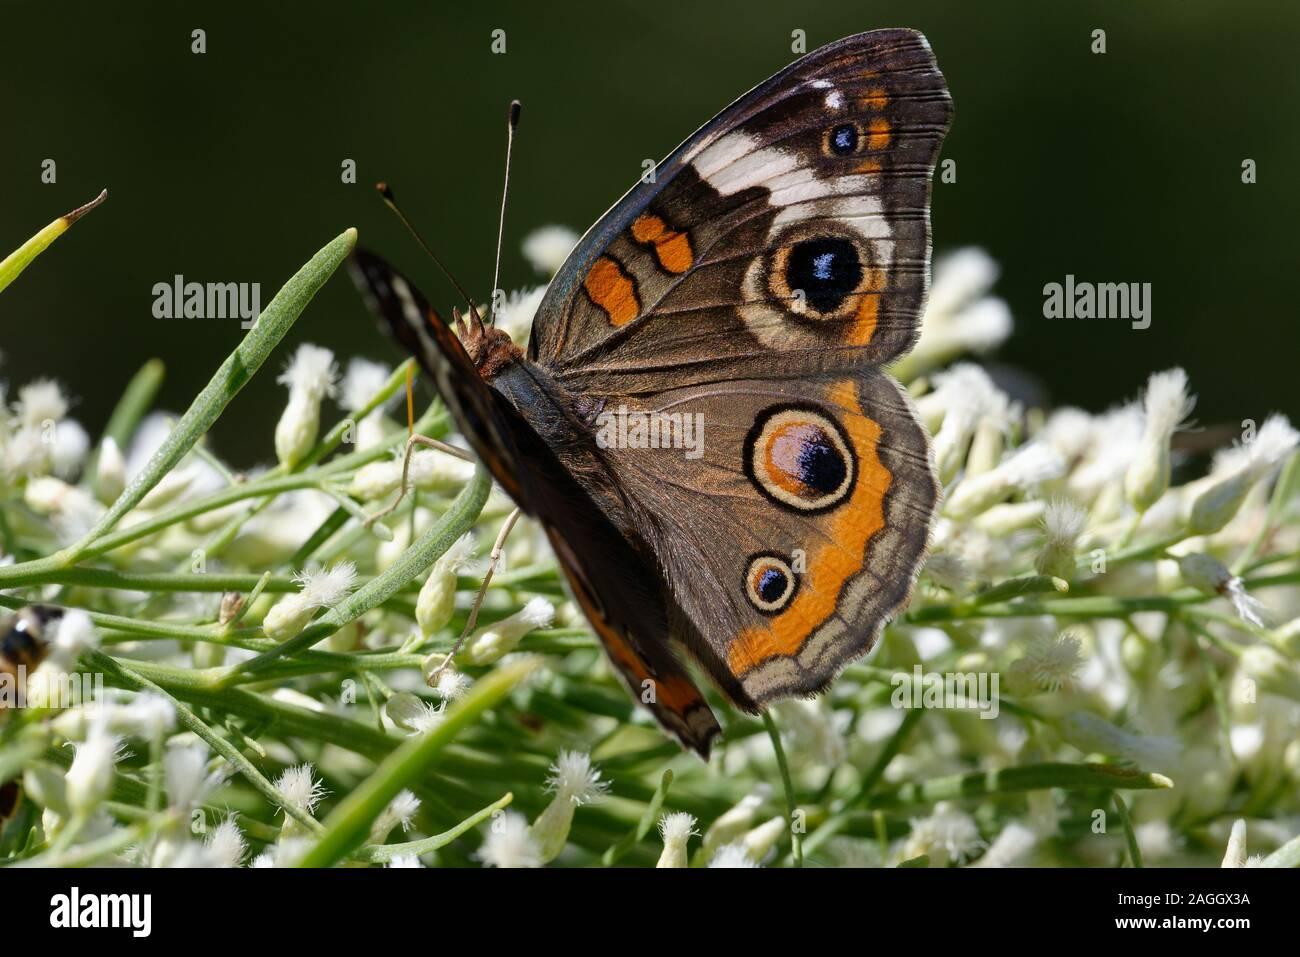 Buckeye común mariposa alimentándose de flores Foto de stock